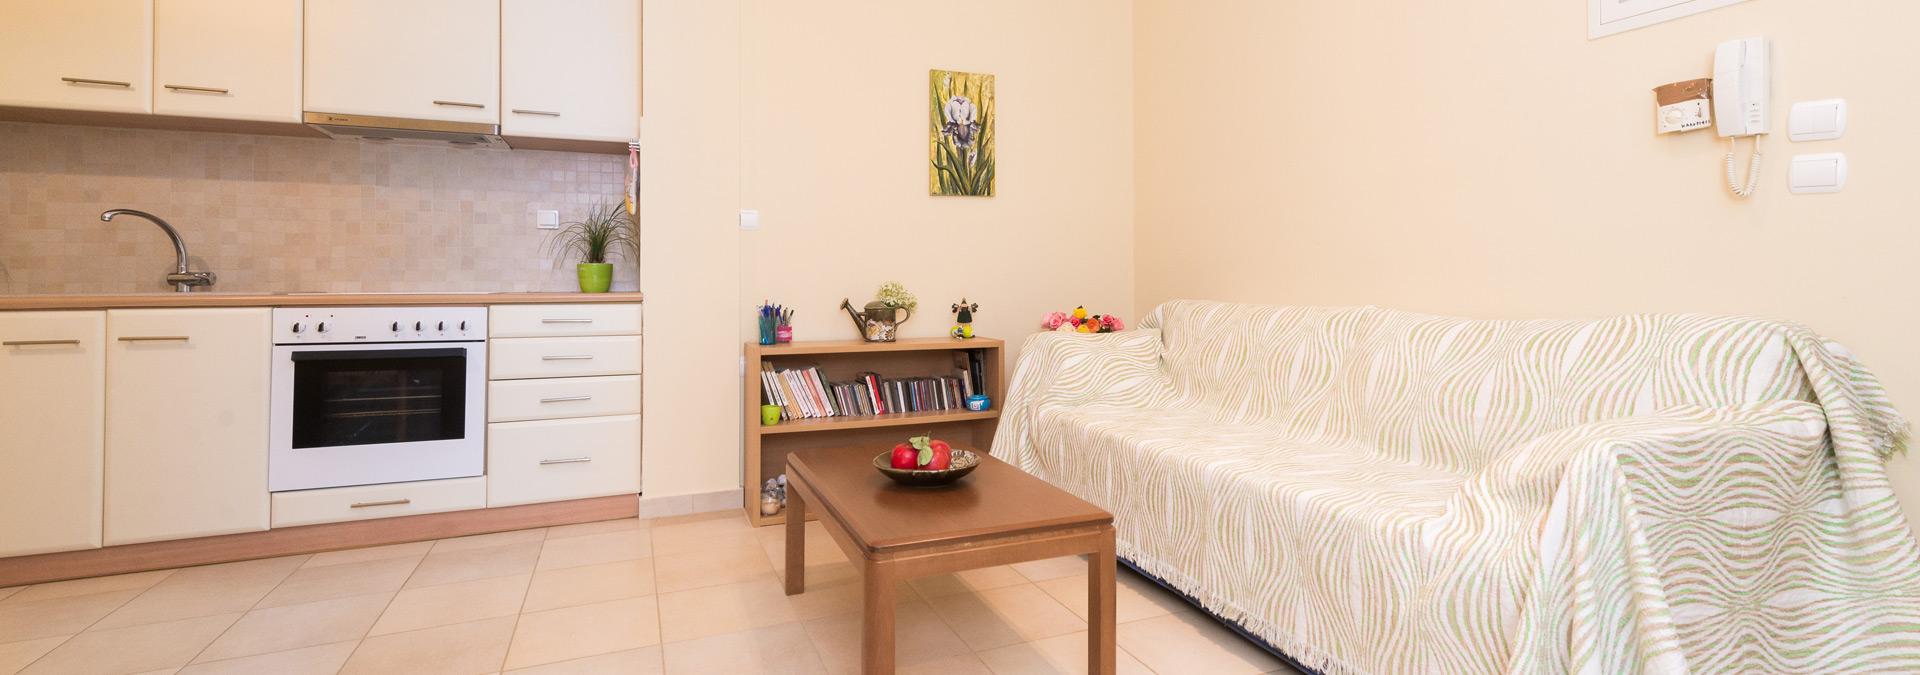 kefalonia_apartments_3_a3